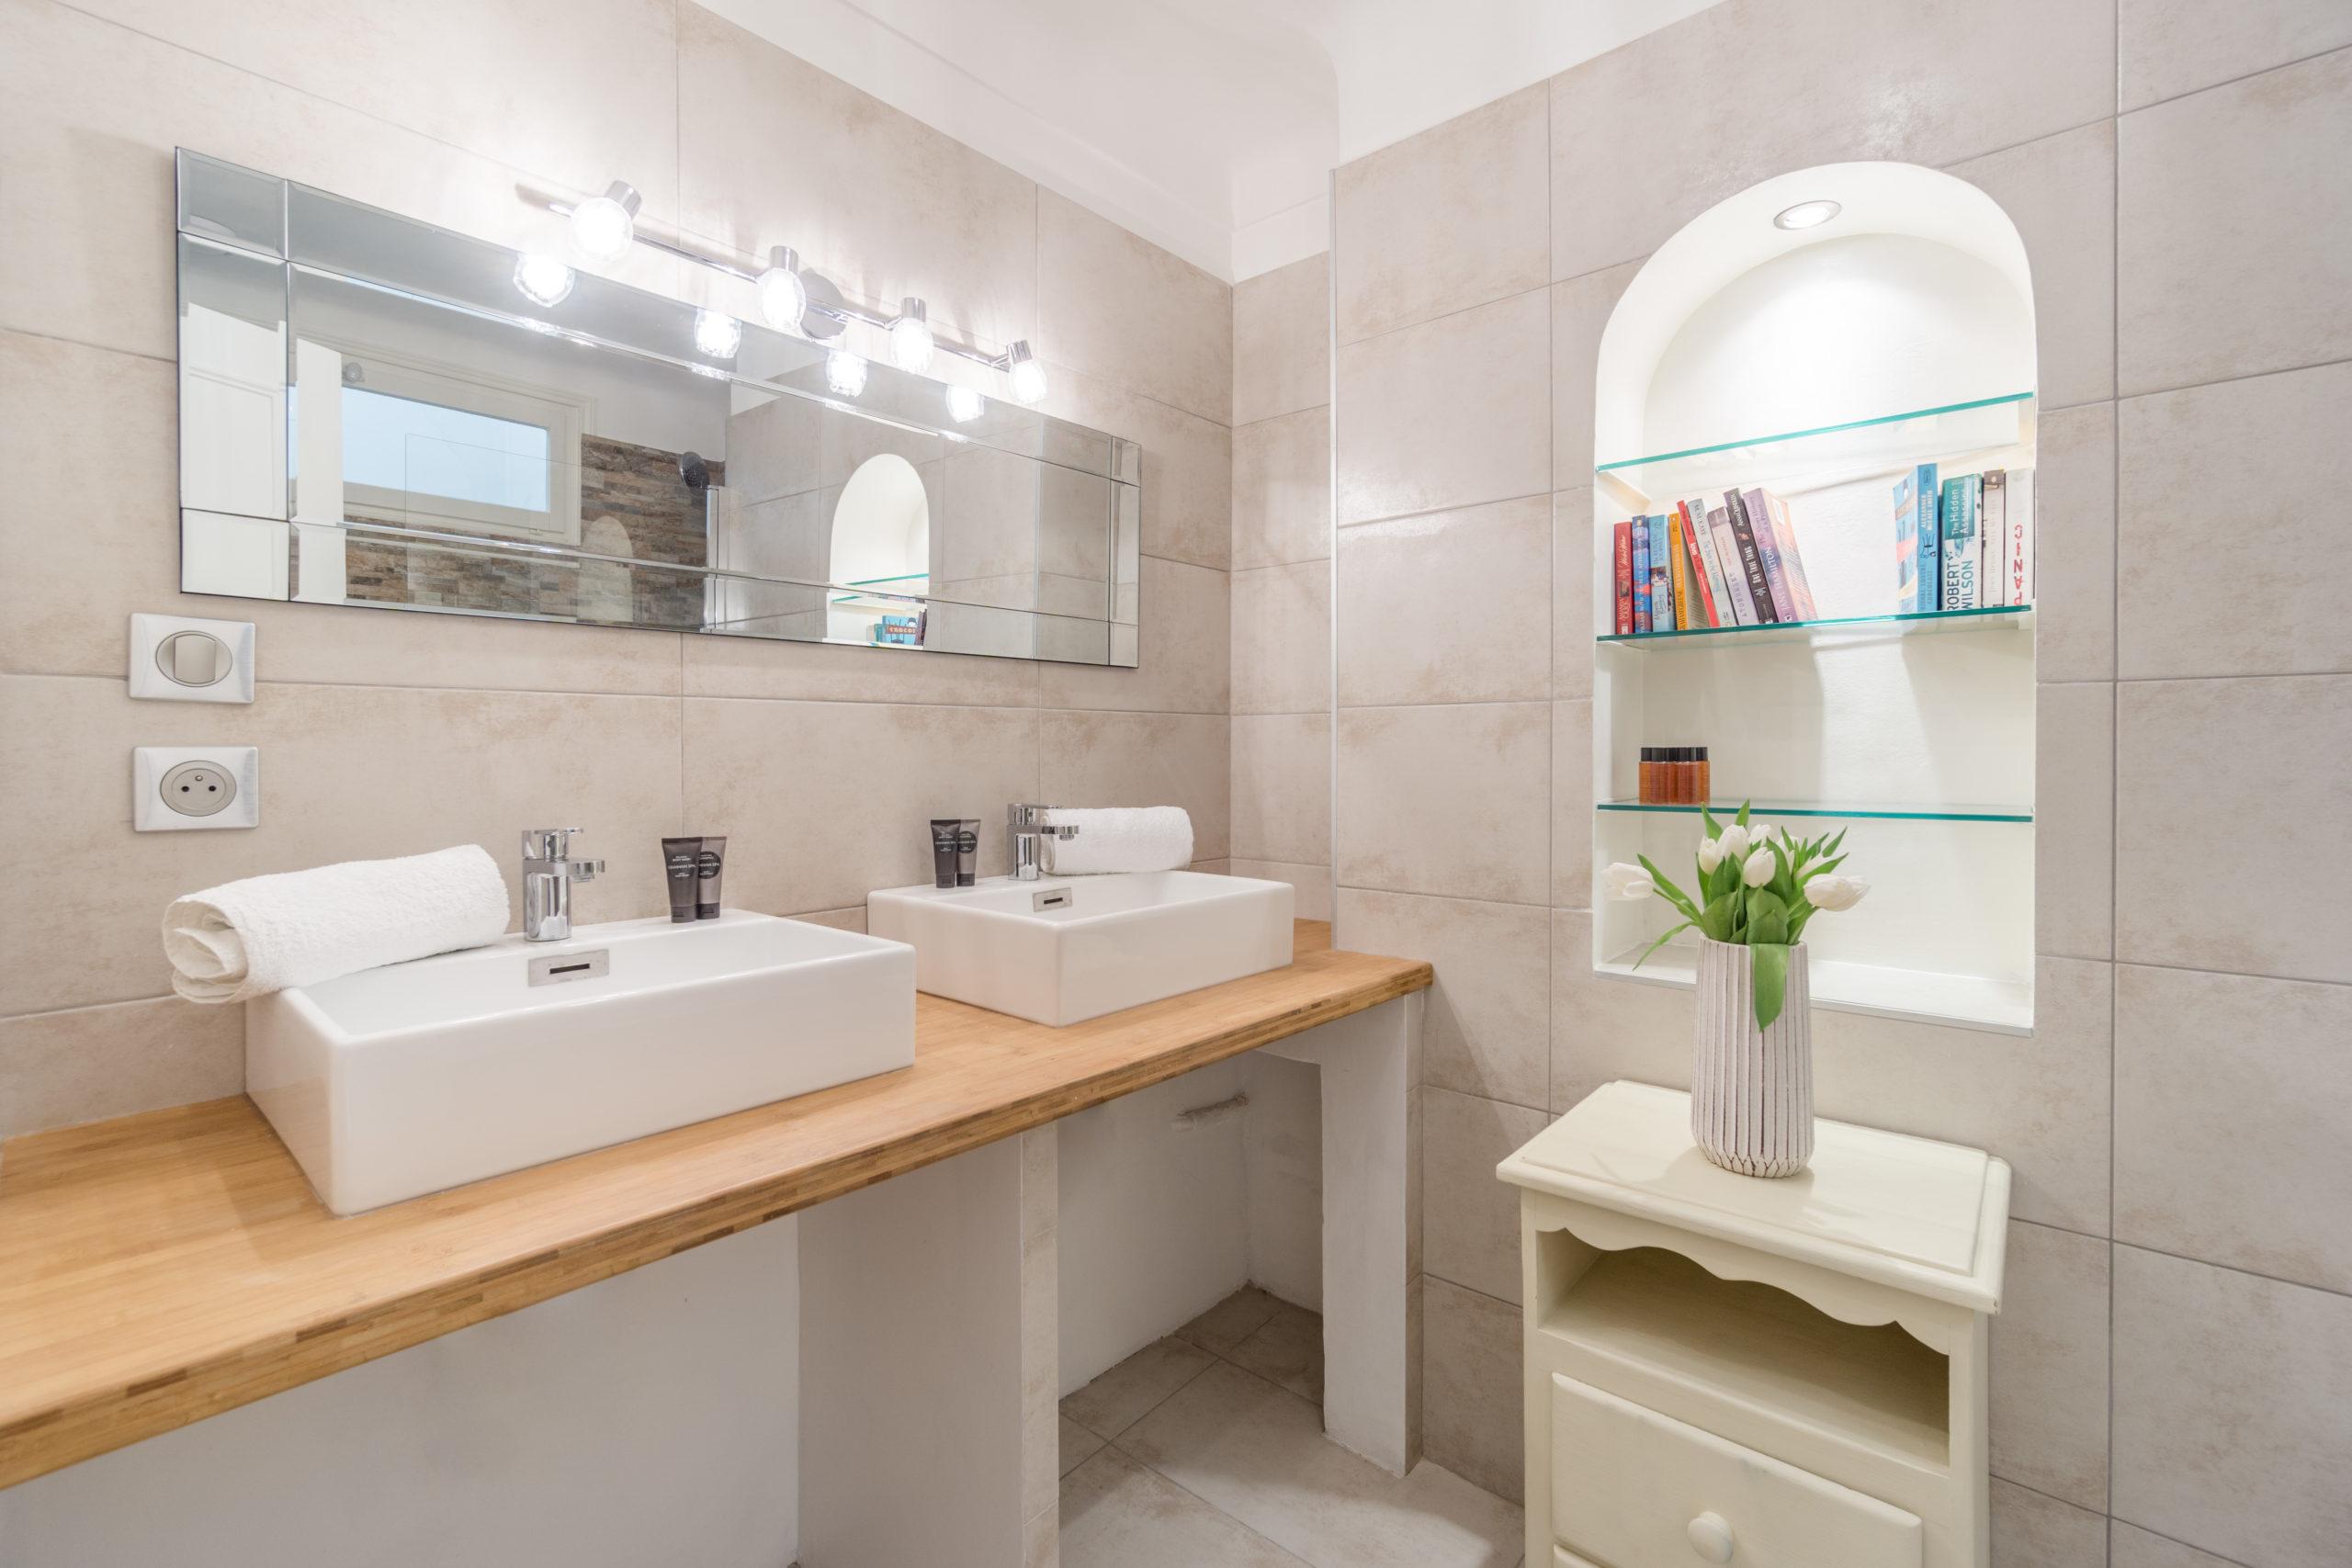 Rénovation salle de bains Essonne Yvelines - Quilici Rénovation